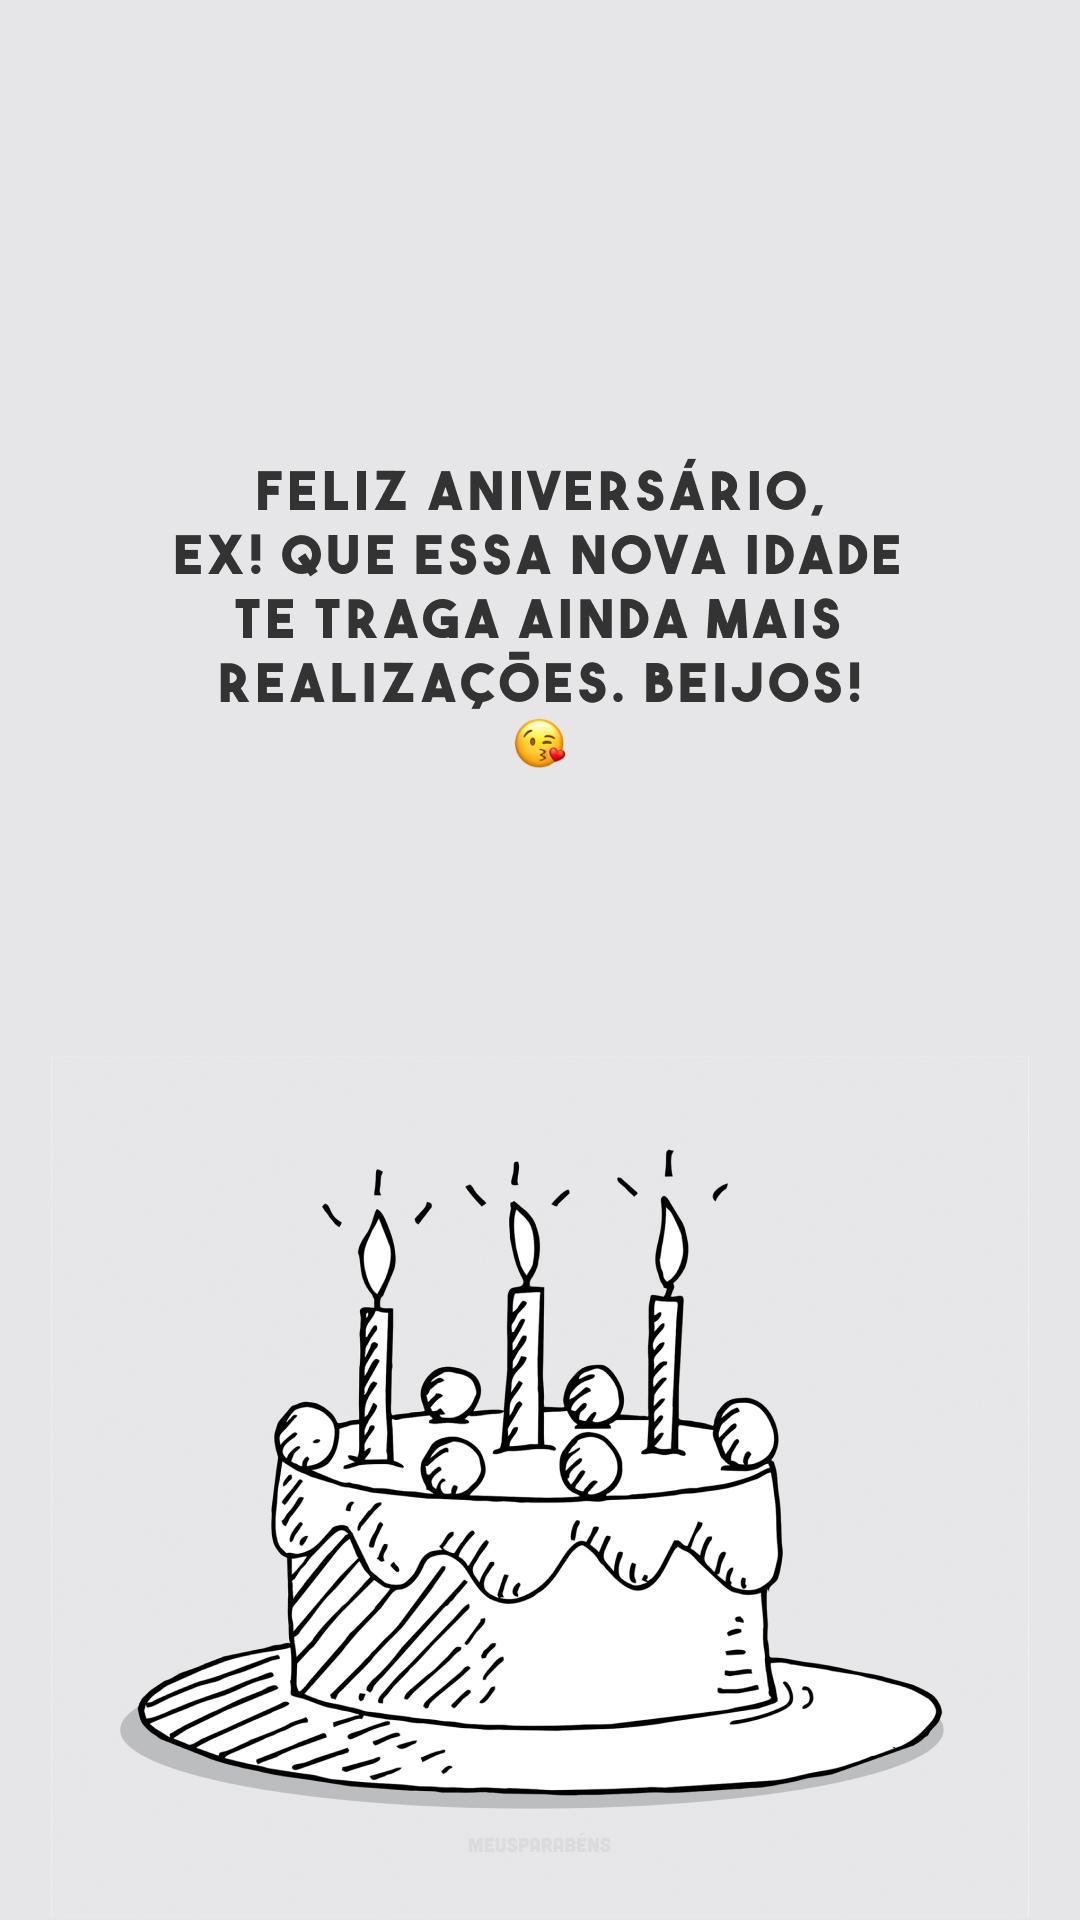 Feliz aniversário, ex! Que essa nova idade te traga ainda mais realizações. Beijos! 😘